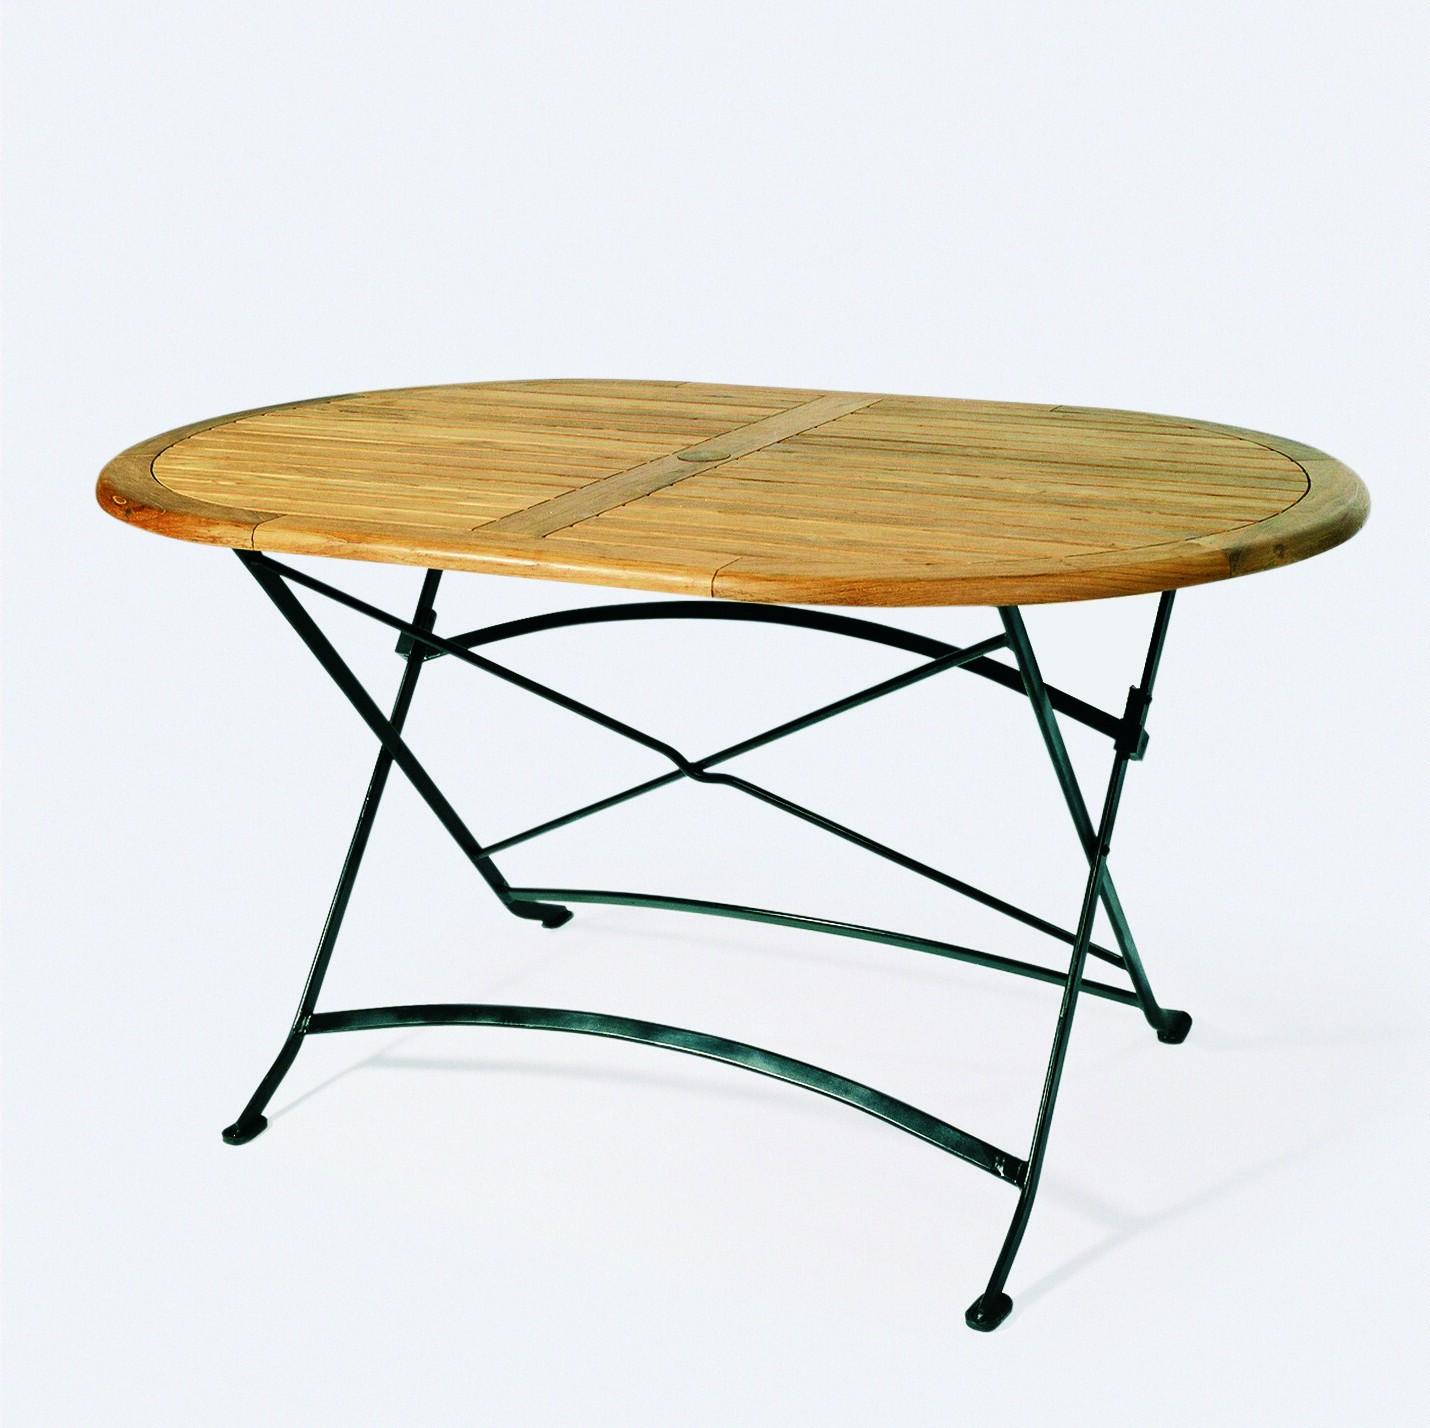 garten klapptisch teak oval teak esstische rund und ausziehbar. Black Bedroom Furniture Sets. Home Design Ideas